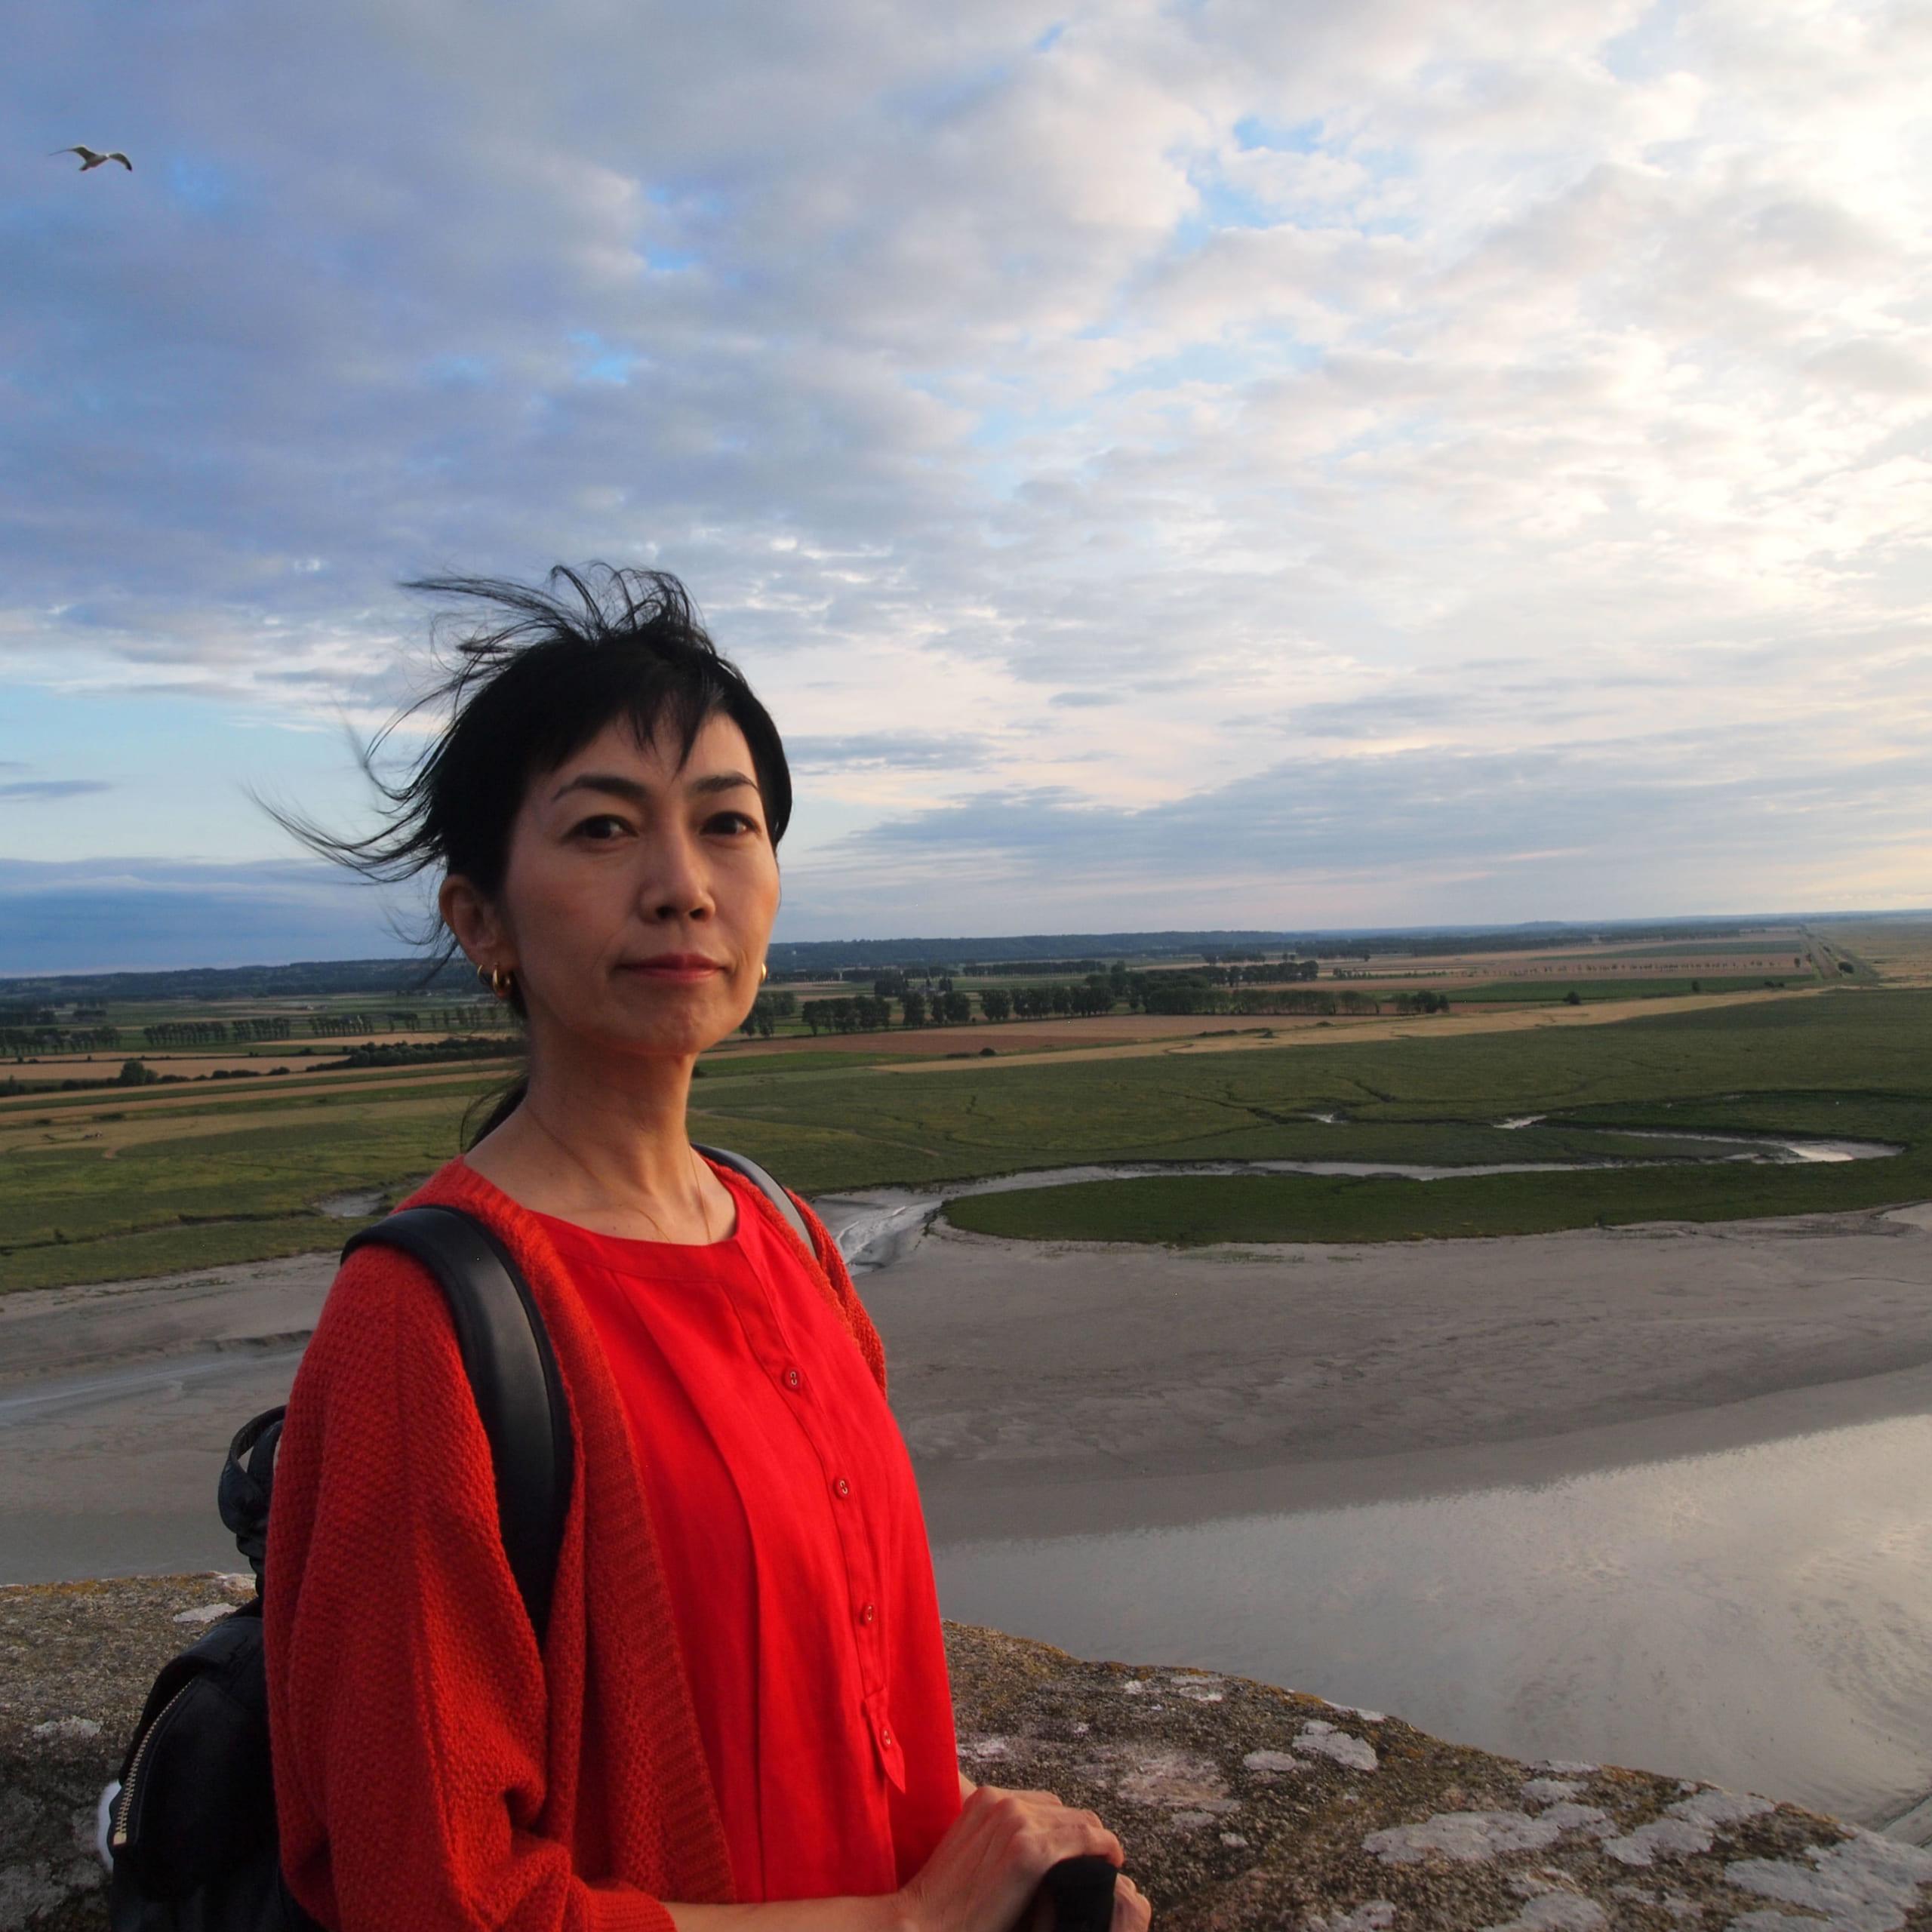 ミステリーハンター竹内海南江が、30年ずっと絶やさなかったもの<br />